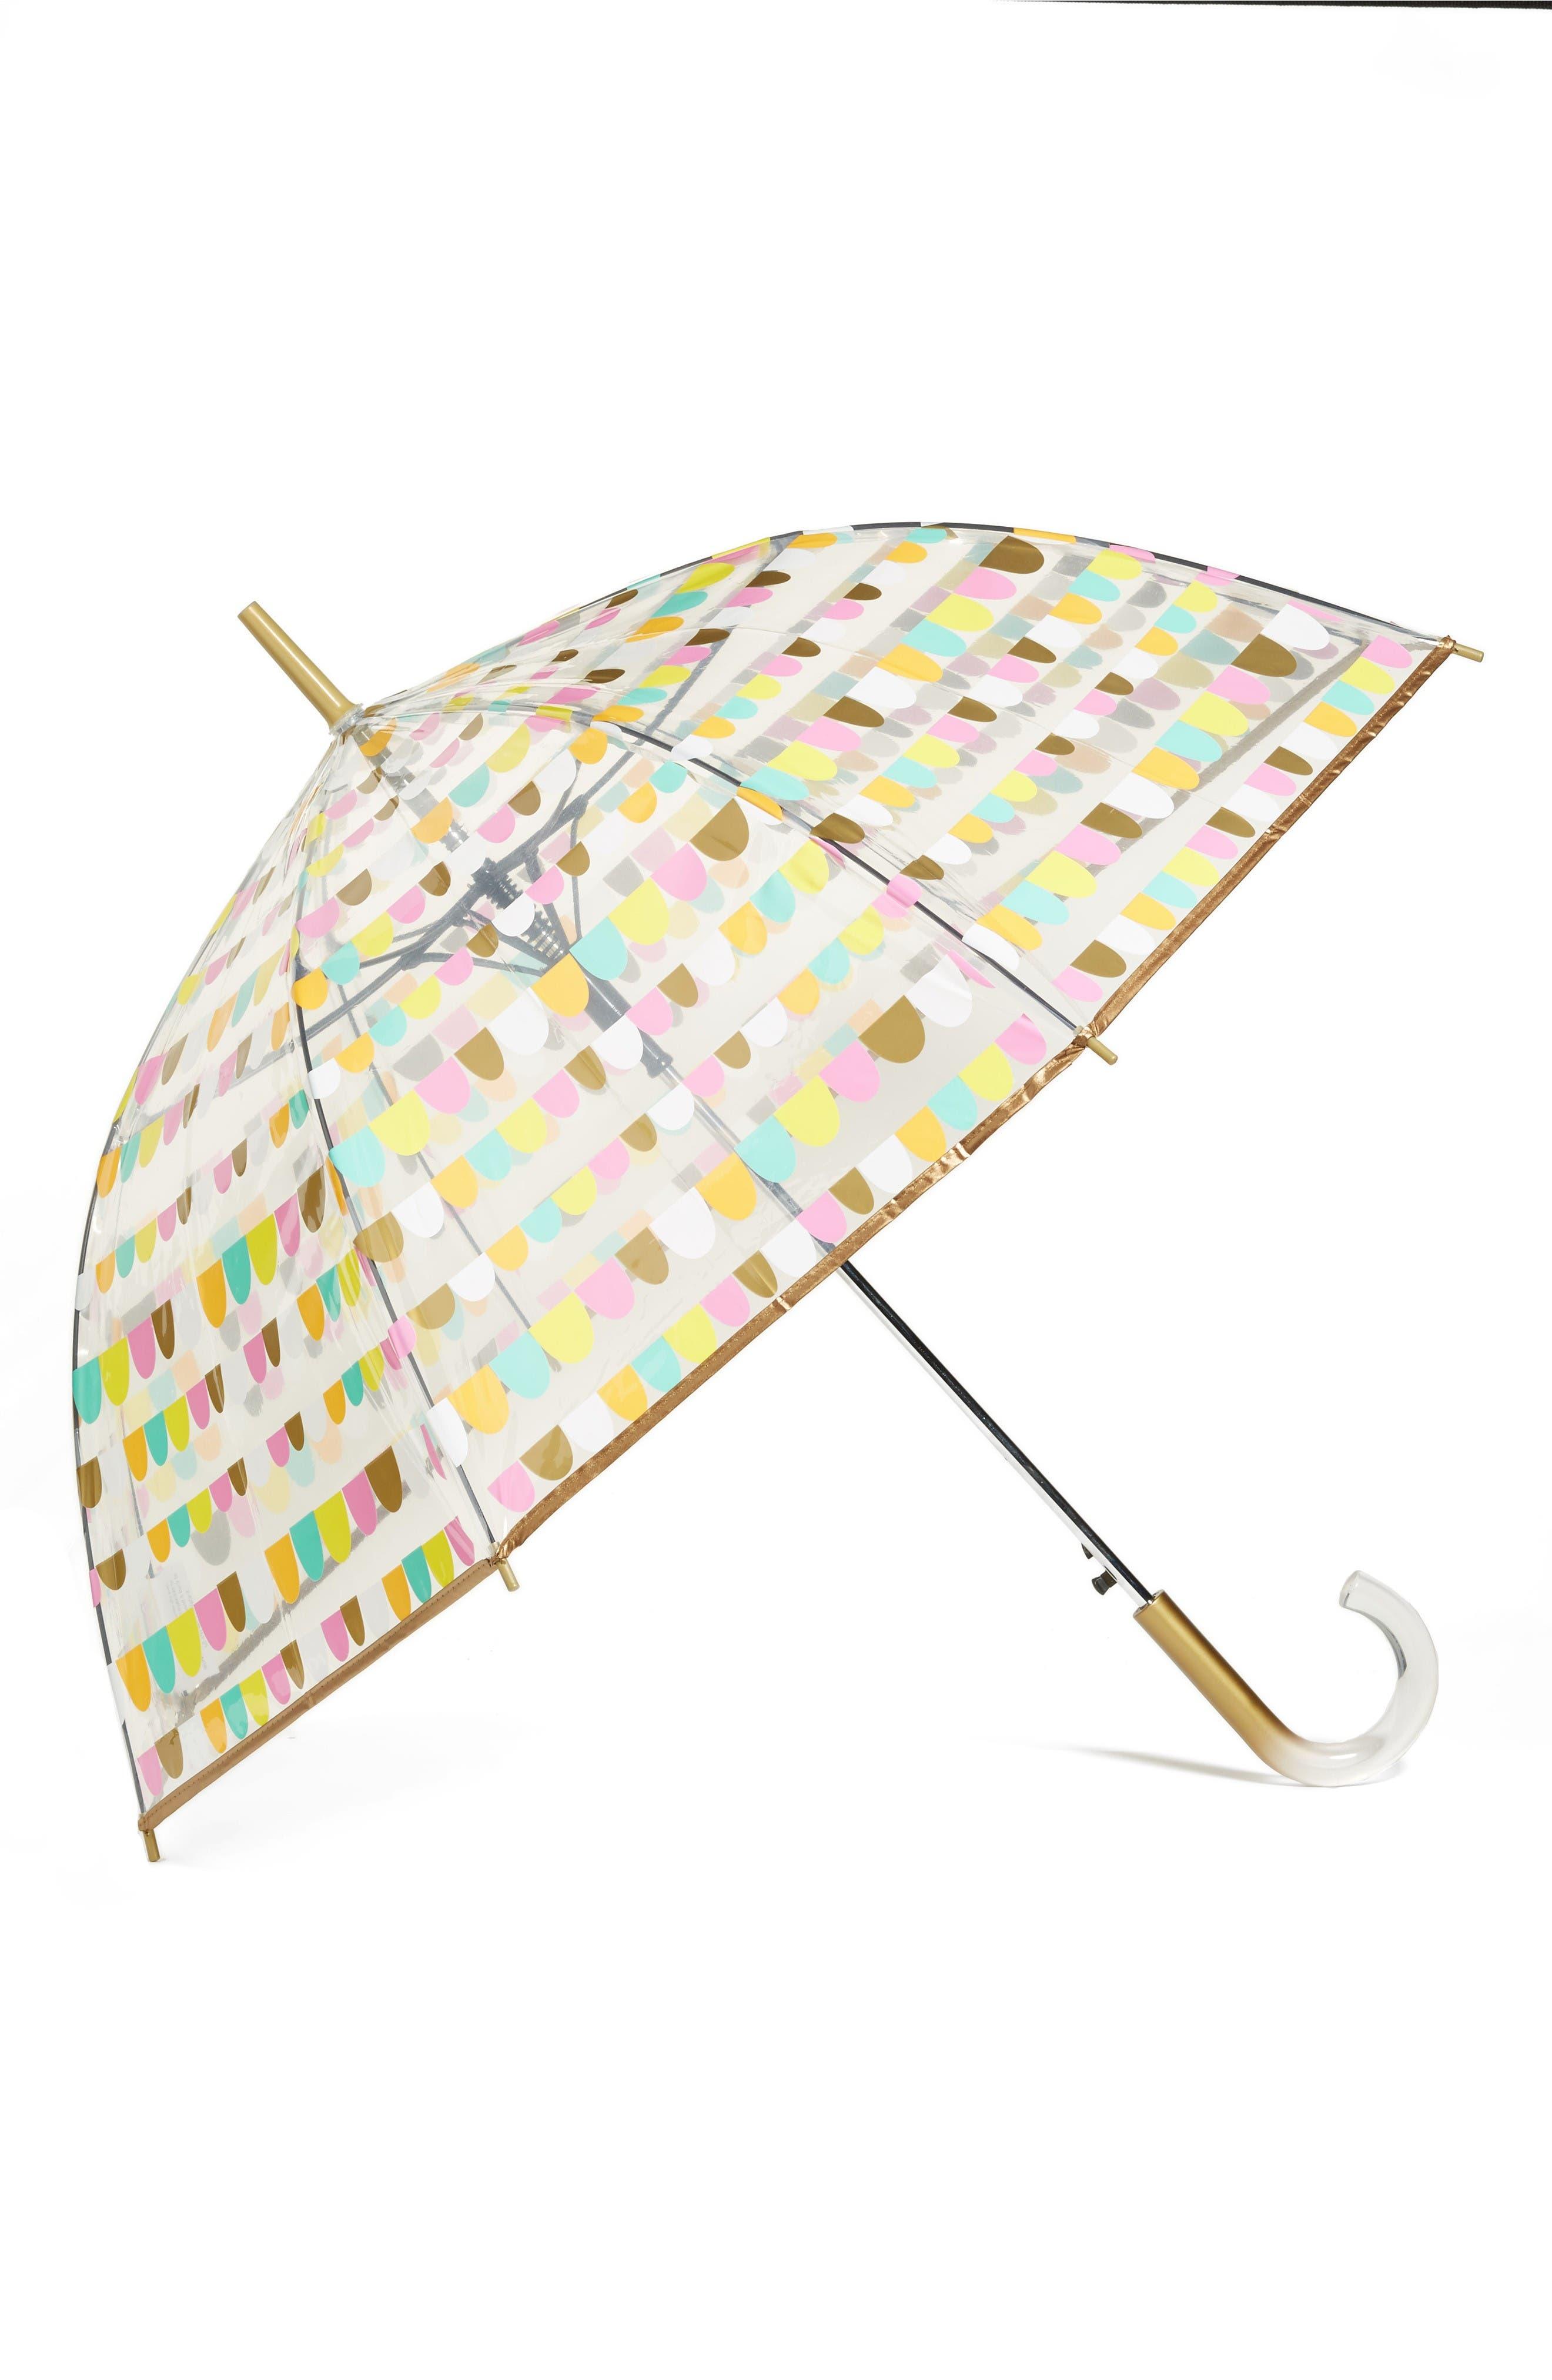 ShedRain 'The Bubble' Auto Open Stick Umbrella